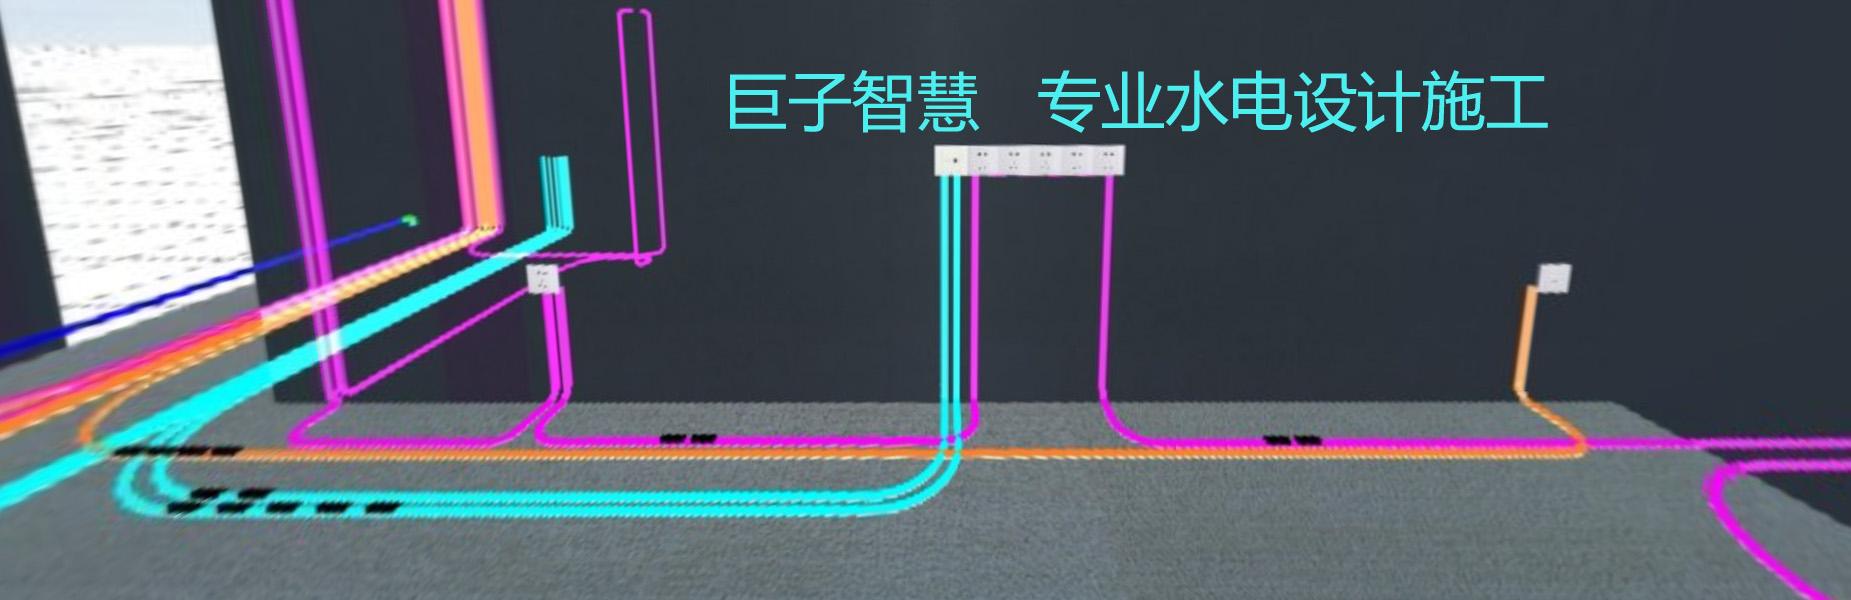 巨子智慧水电智能影音一体化布管布线方案